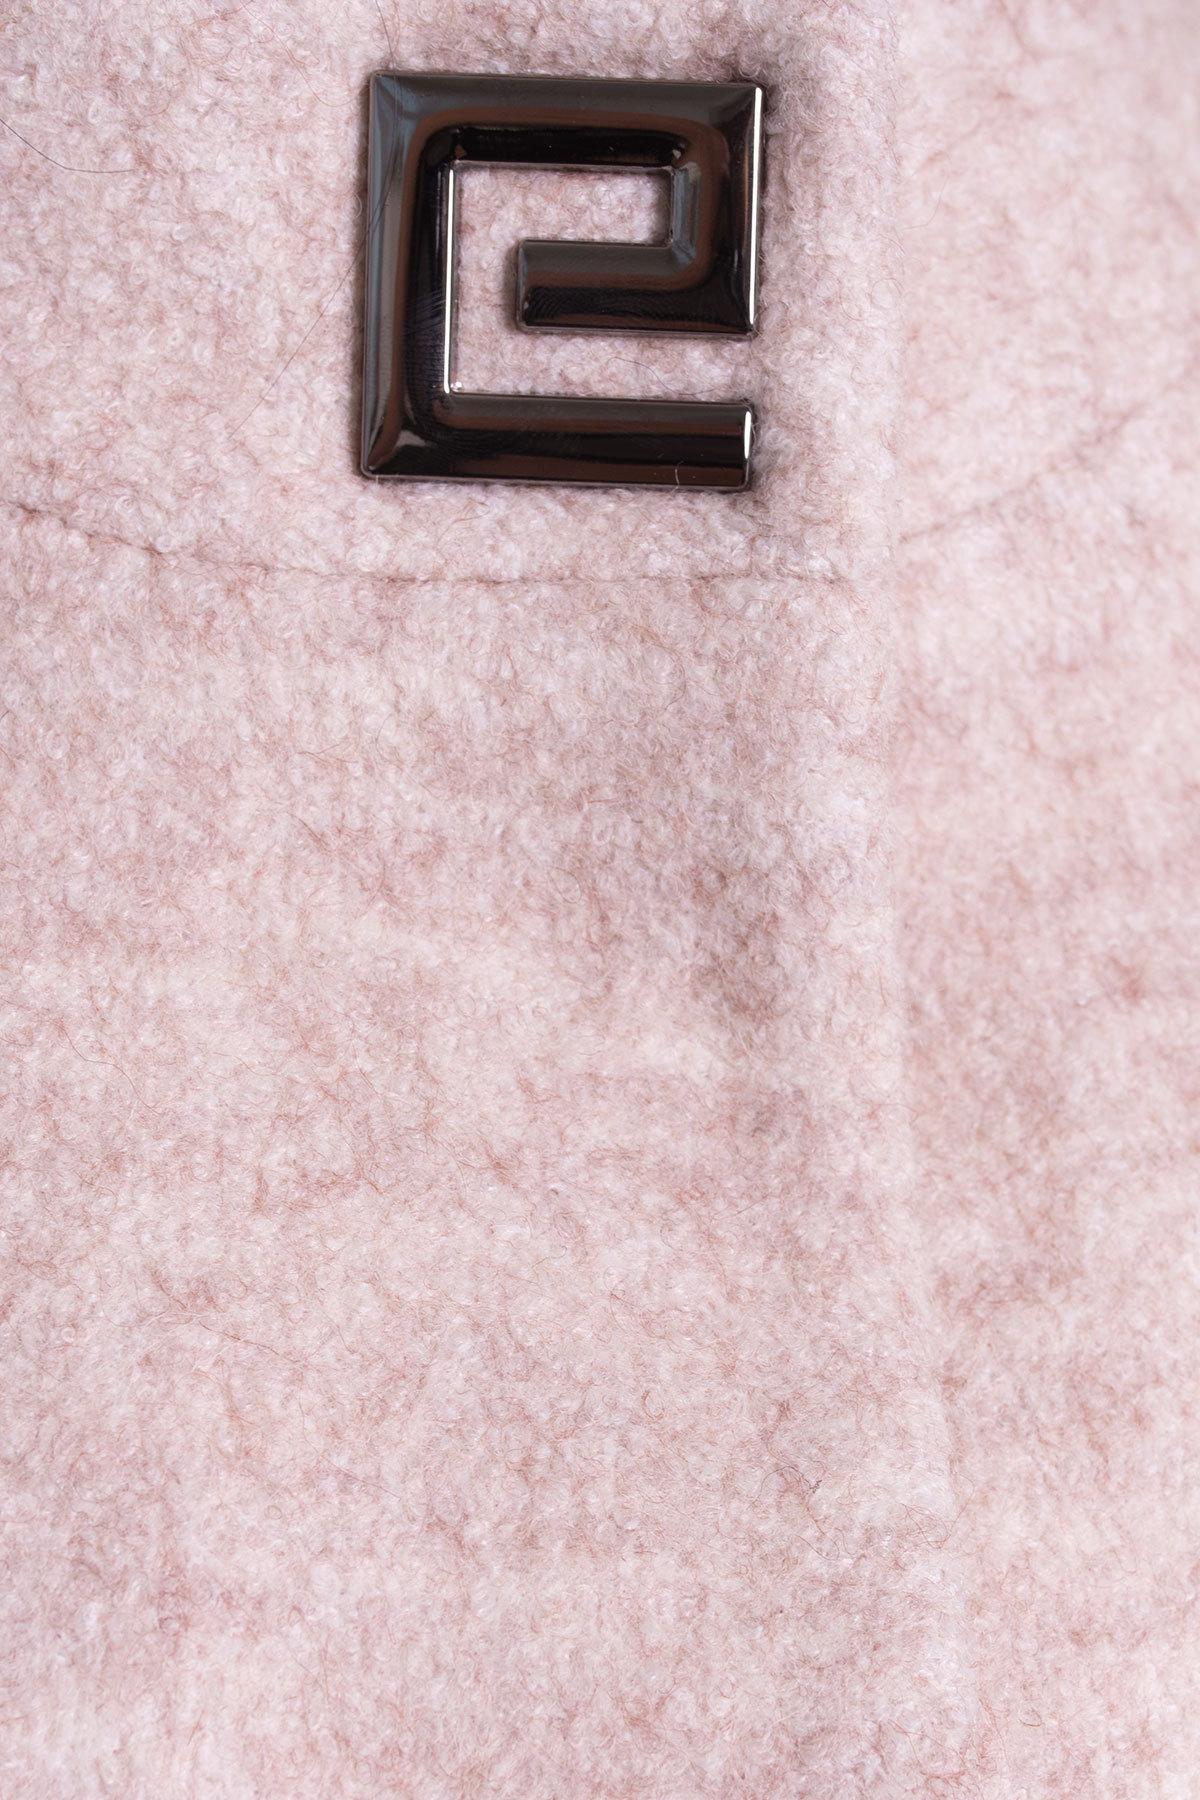 Пальто Мирта 1623 Цвет  Бежевый 79. РОЗДРІБНА ЦІНА  7200b58fdfa3c